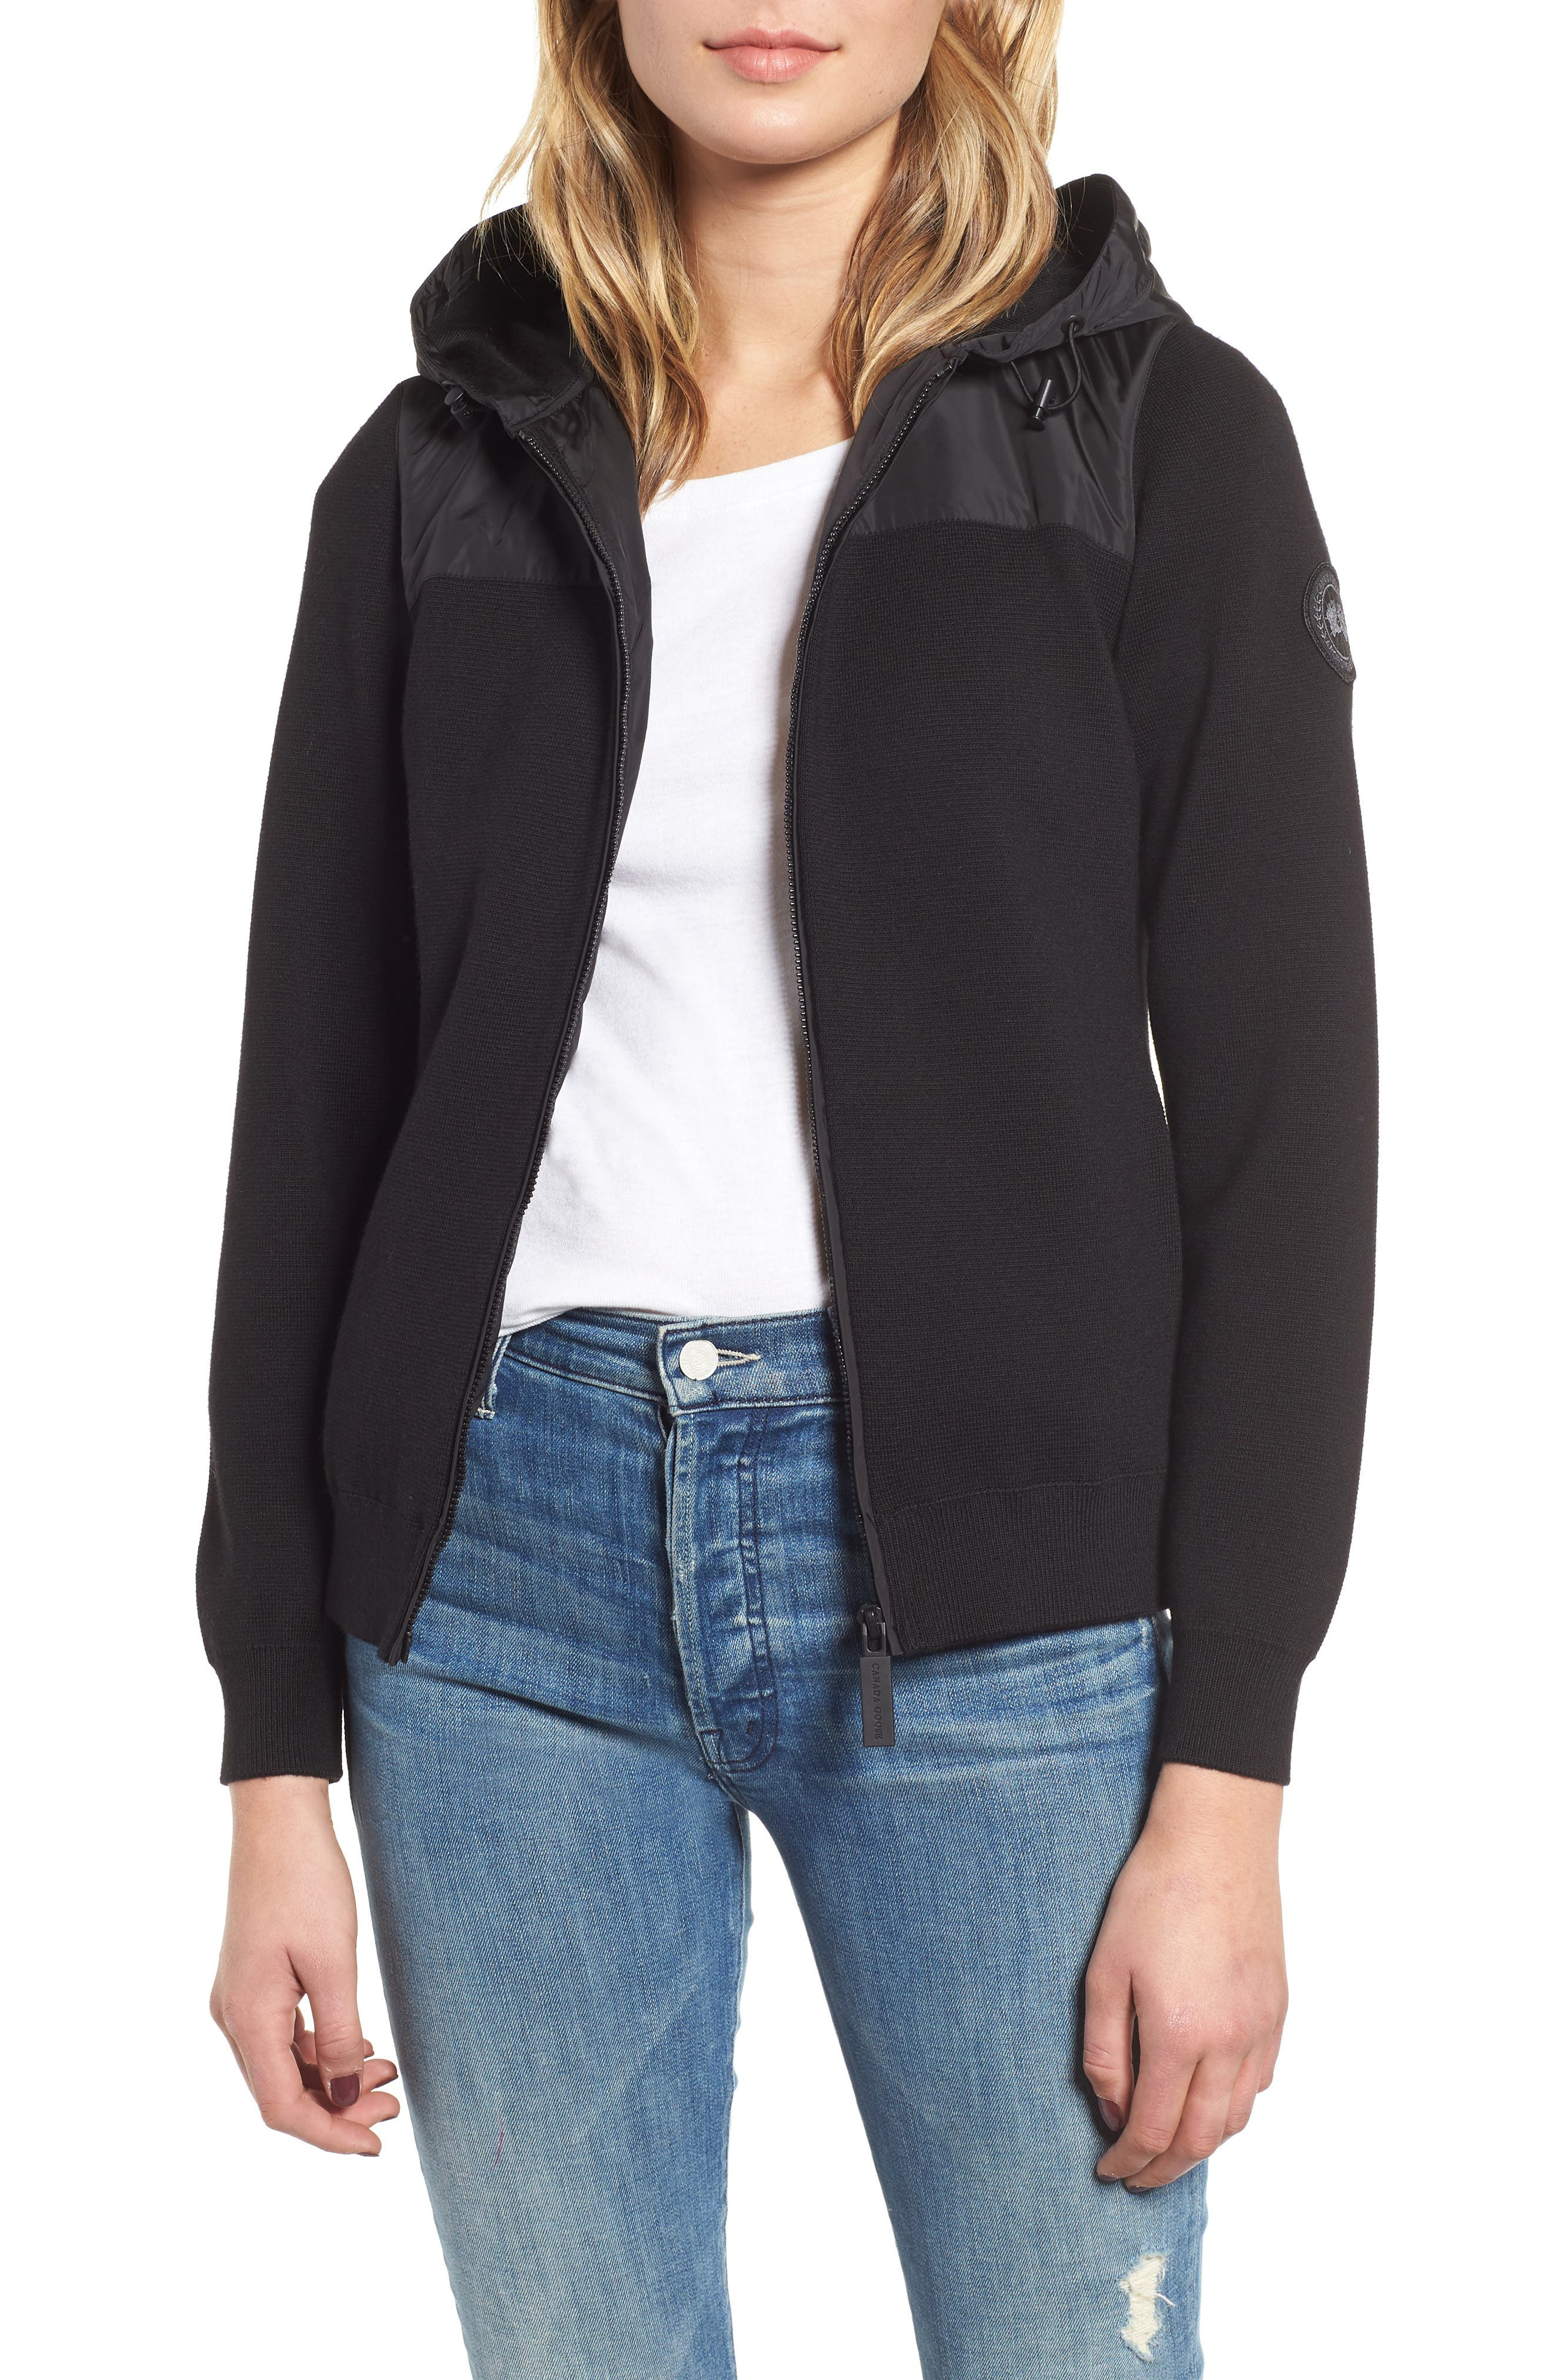 CANADA GOOSE Windbridge Wool & Nylon Hoodie Jacket in Black